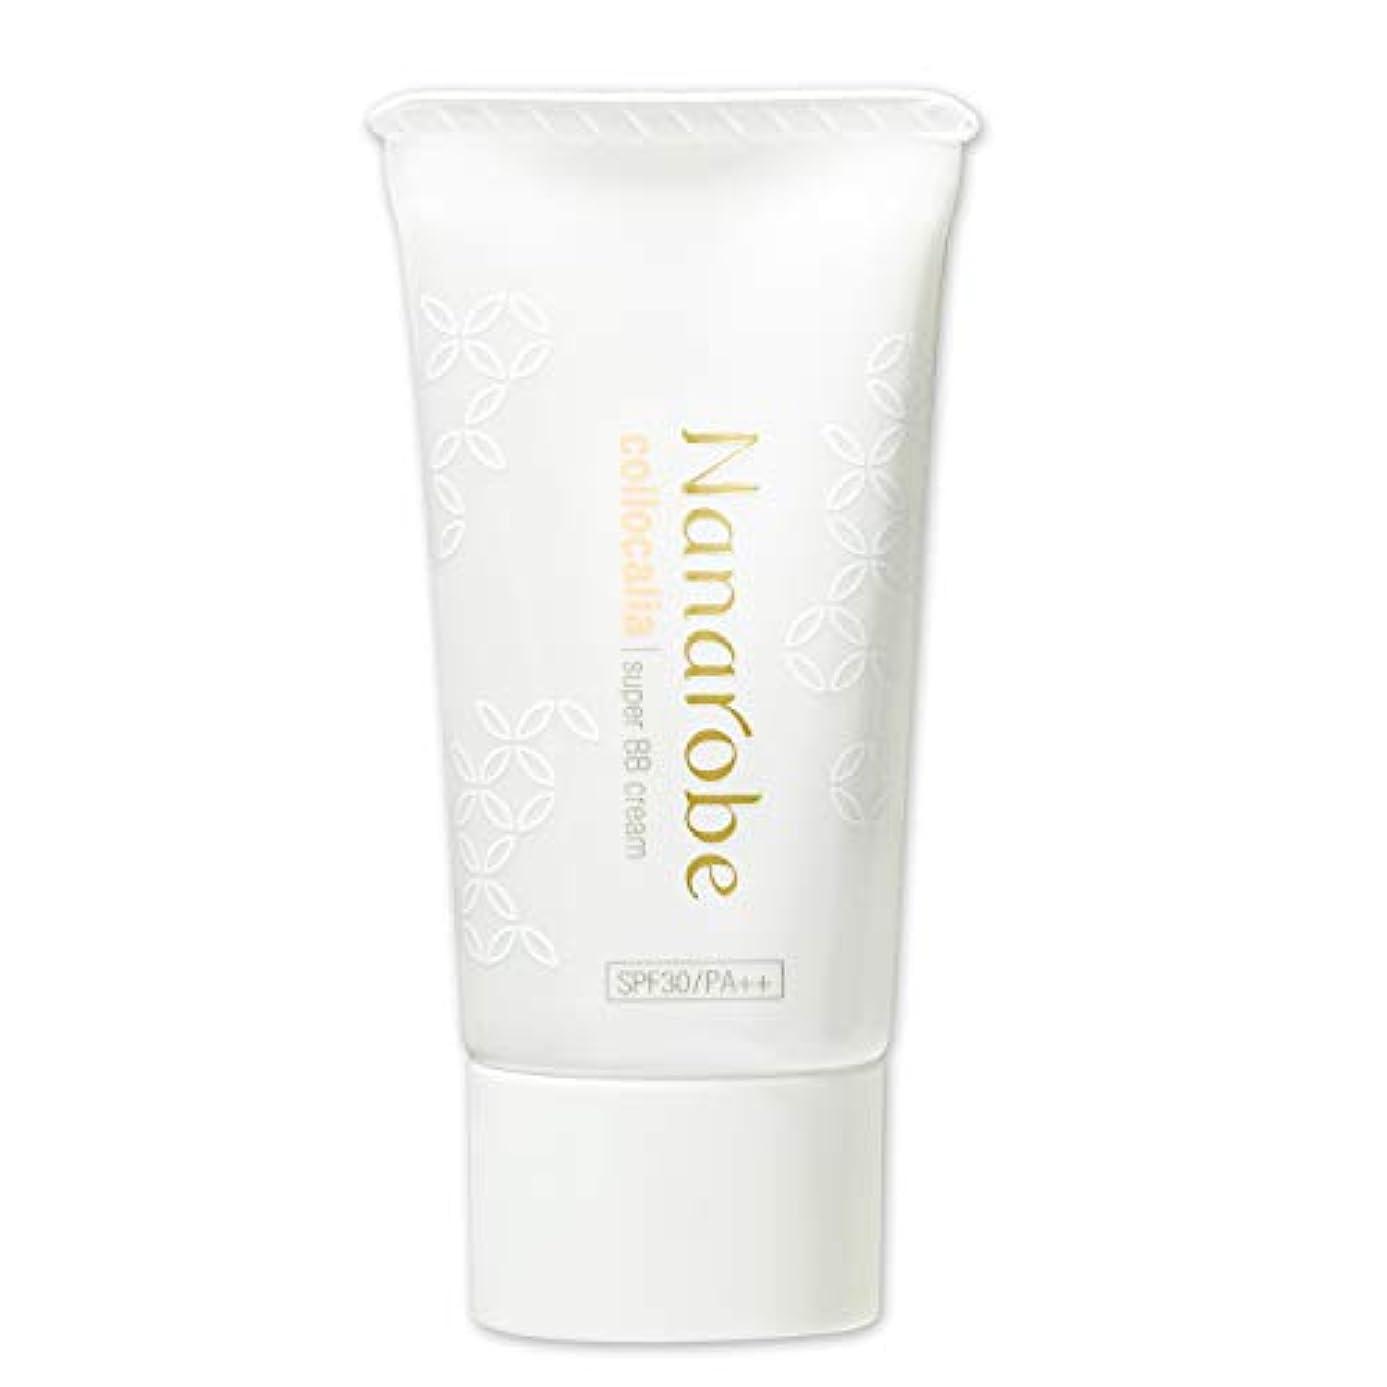 覚醒権限を与える言語ナナローブ (Nanarobe) BBクリーム 化粧下地 ファンデーション コロカリア UV SPF30 PA++ 30g